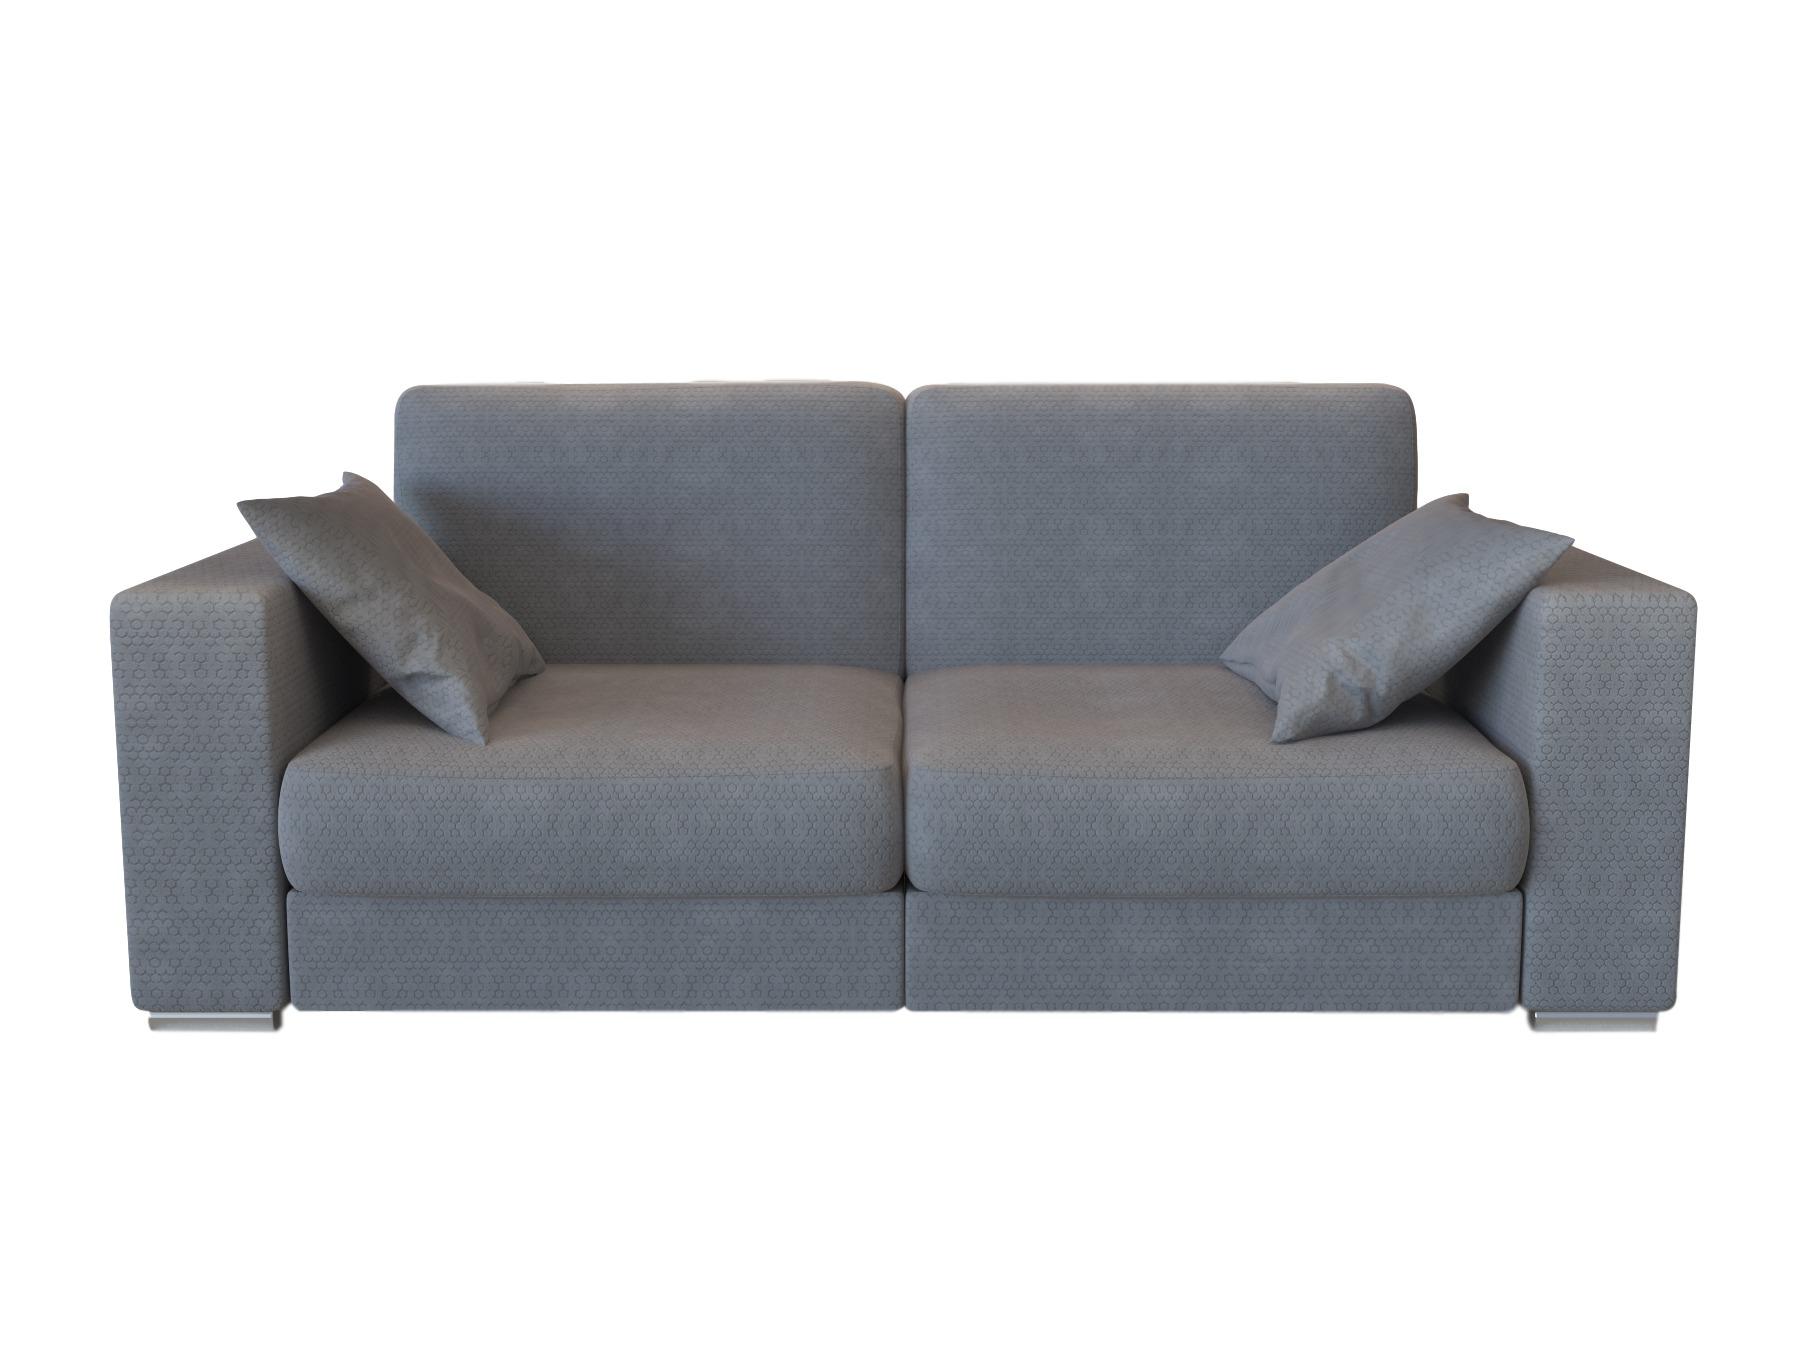 Диван StavangerПрямые раскладные диваны<br>&amp;lt;div&amp;gt;Соблюдение пропорций — это основа стиля и вкуса, а диван &amp;#39;&amp;#39;Stavanger&amp;quot; —&amp;amp;nbsp;воплощение этого правила. Универсальность его форм позволит вам обставить любой интерьер, от лофт студии до капитанской каюты на космическом корабле.&amp;lt;/div&amp;gt;&amp;lt;div&amp;gt;&amp;lt;br&amp;gt;&amp;lt;/div&amp;gt;Модульный диван-кровать&amp;lt;div&amp;gt;Механизм трансформации: 2С;&amp;lt;/div&amp;gt;&amp;lt;div&amp;gt;Спальное место: 190х140;&amp;lt;/div&amp;gt;&amp;lt;div&amp;gt;Корпус: фанера, брус.&amp;lt;/div&amp;gt;&amp;lt;div&amp;gt;Ткань: 100% полиэстер 40 000 циклов.&amp;lt;/div&amp;gt;&amp;lt;div&amp;gt;&amp;lt;br&amp;gt;&amp;lt;/div&amp;gt;&amp;lt;div&amp;gt;Есть возможность изготовления в другом материале обивки&amp;lt;/div&amp;gt;<br><br>Material: Текстиль<br>Length см: None<br>Width см: 200<br>Depth см: 90<br>Height см: 95